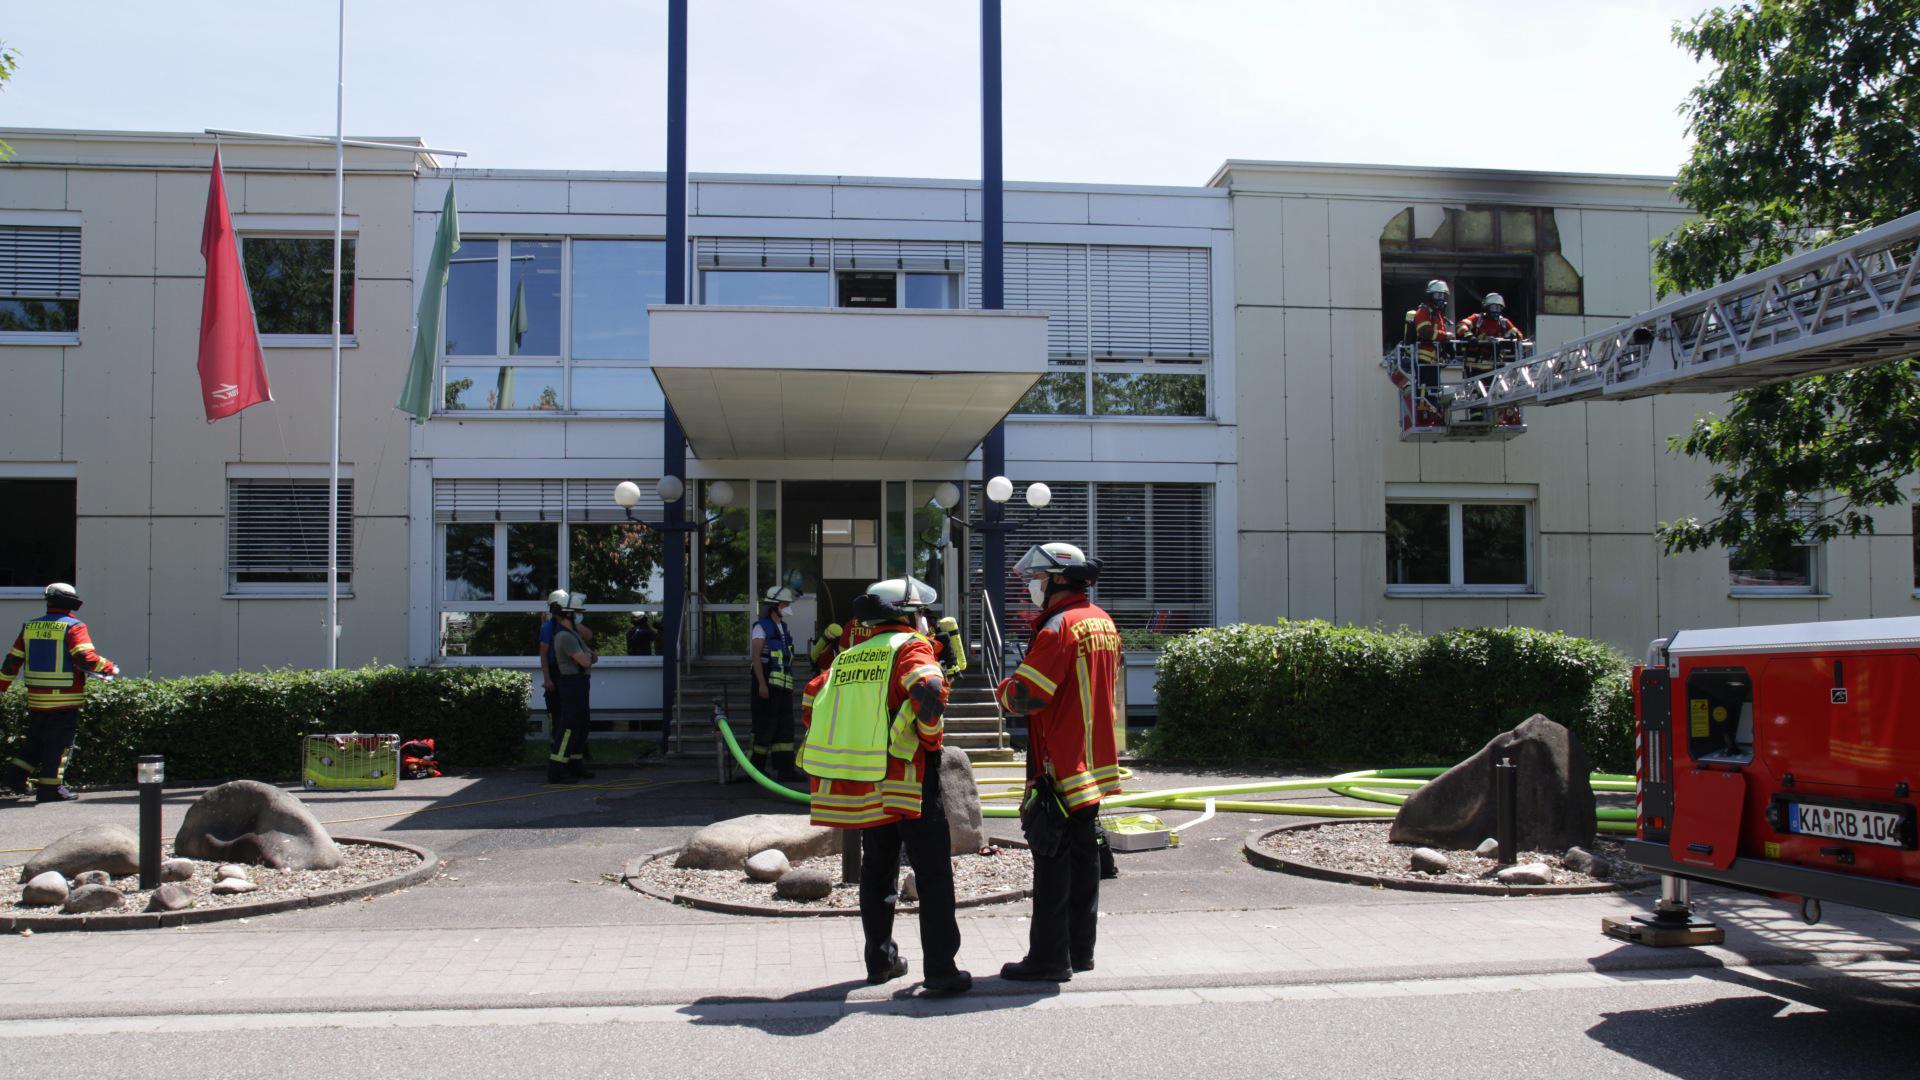 Im Gebäude der Albtal-Verkehrs-Gesellschaft (AVG) in Ettlingen ist nach einem Knall im Gebäude ein Brand ausgebrochen. Laut Informationen der Polizei wird eine Personen wegen einer Rauchgasvergiftung behandelt.